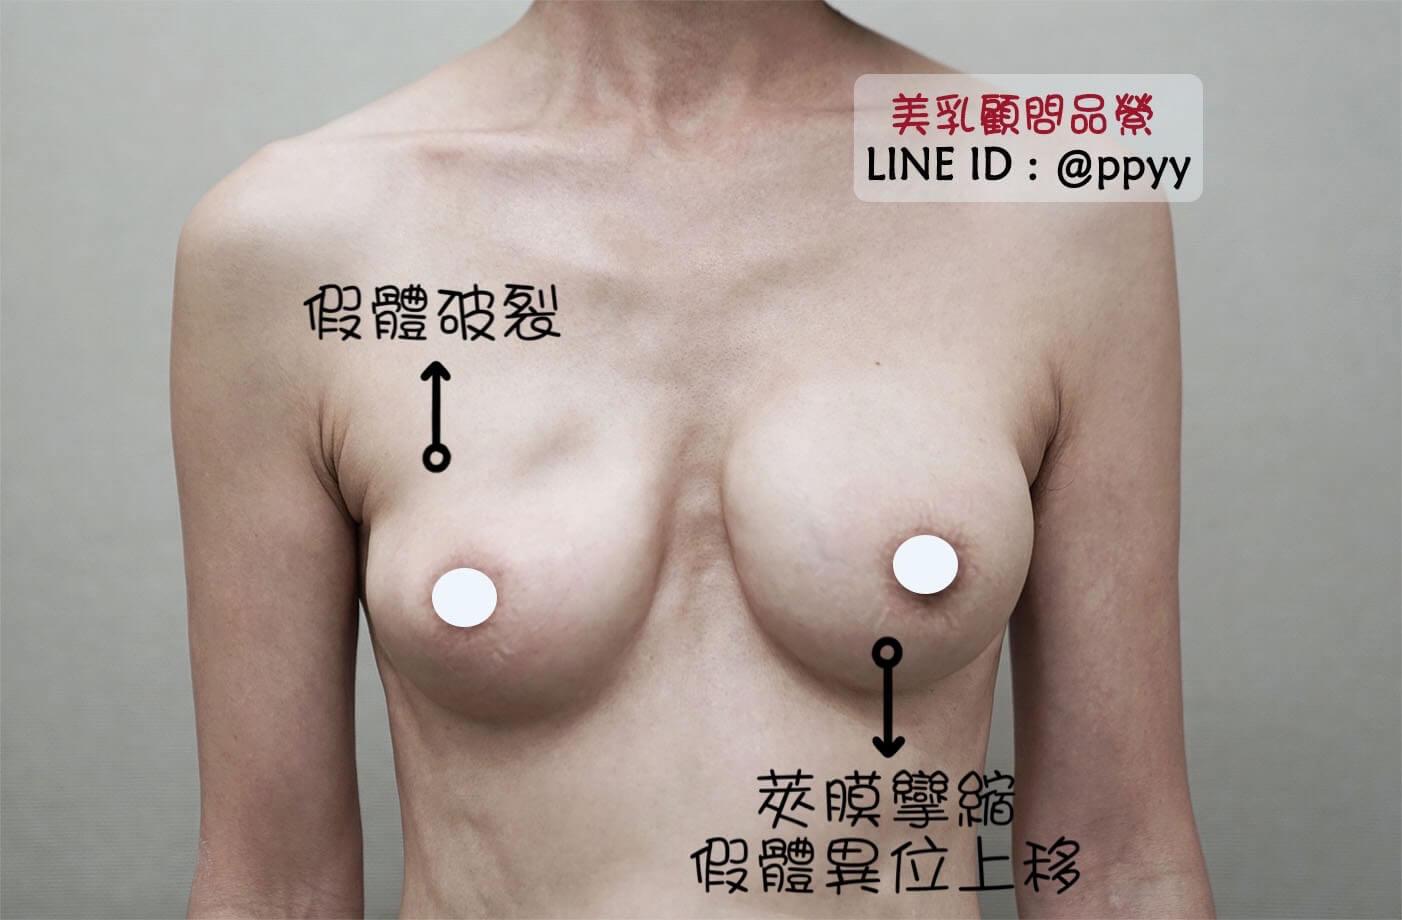 假體破裂加嚴重莢膜 二次隆乳手術 魔滴隆乳讓我找回自信